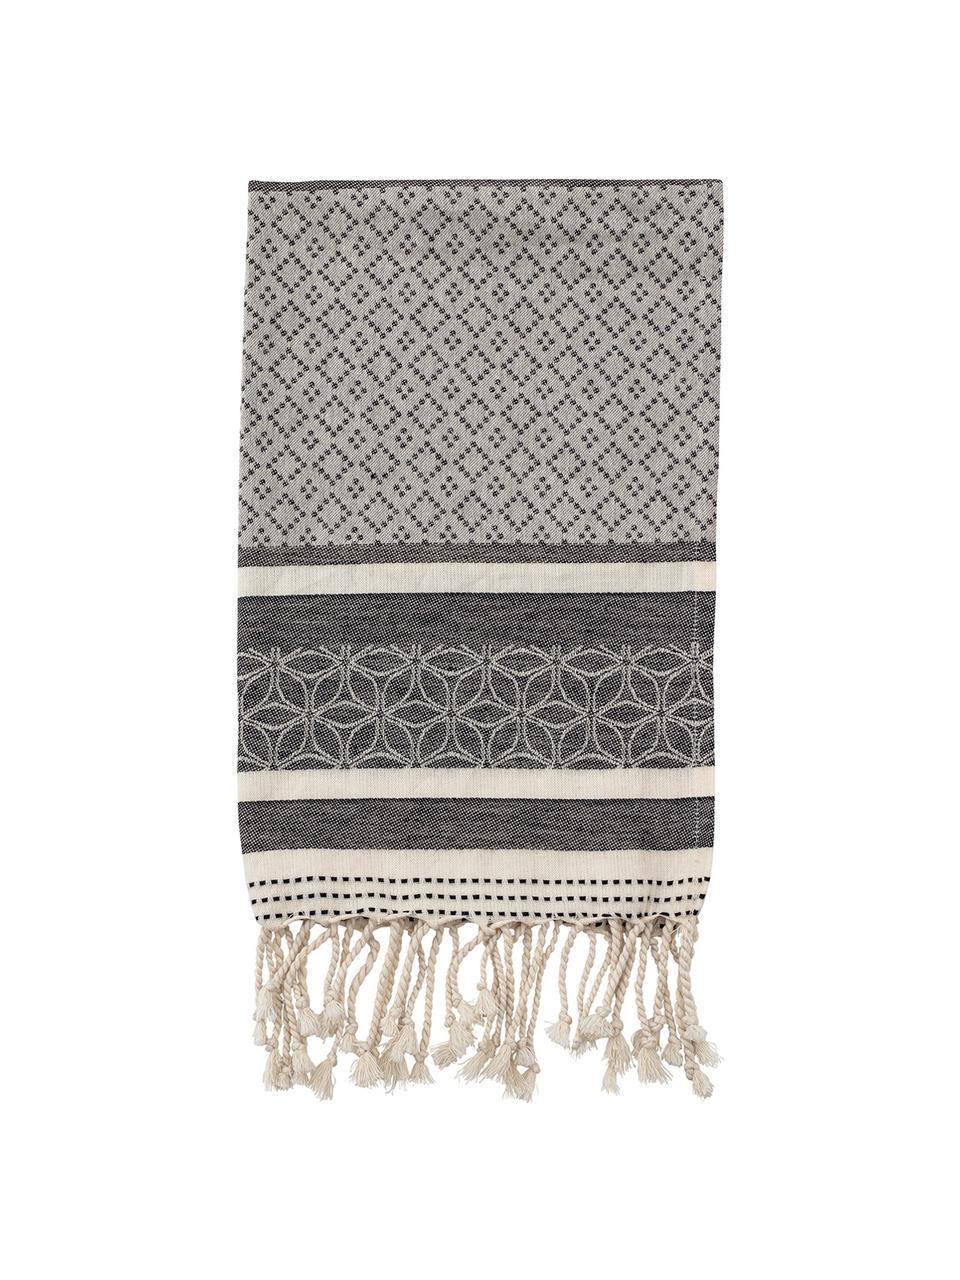 Baumwoll-Geschirrtücher Nature, 2 Stück, Baumwolle, Beige, Grau, 45 x 70 cm